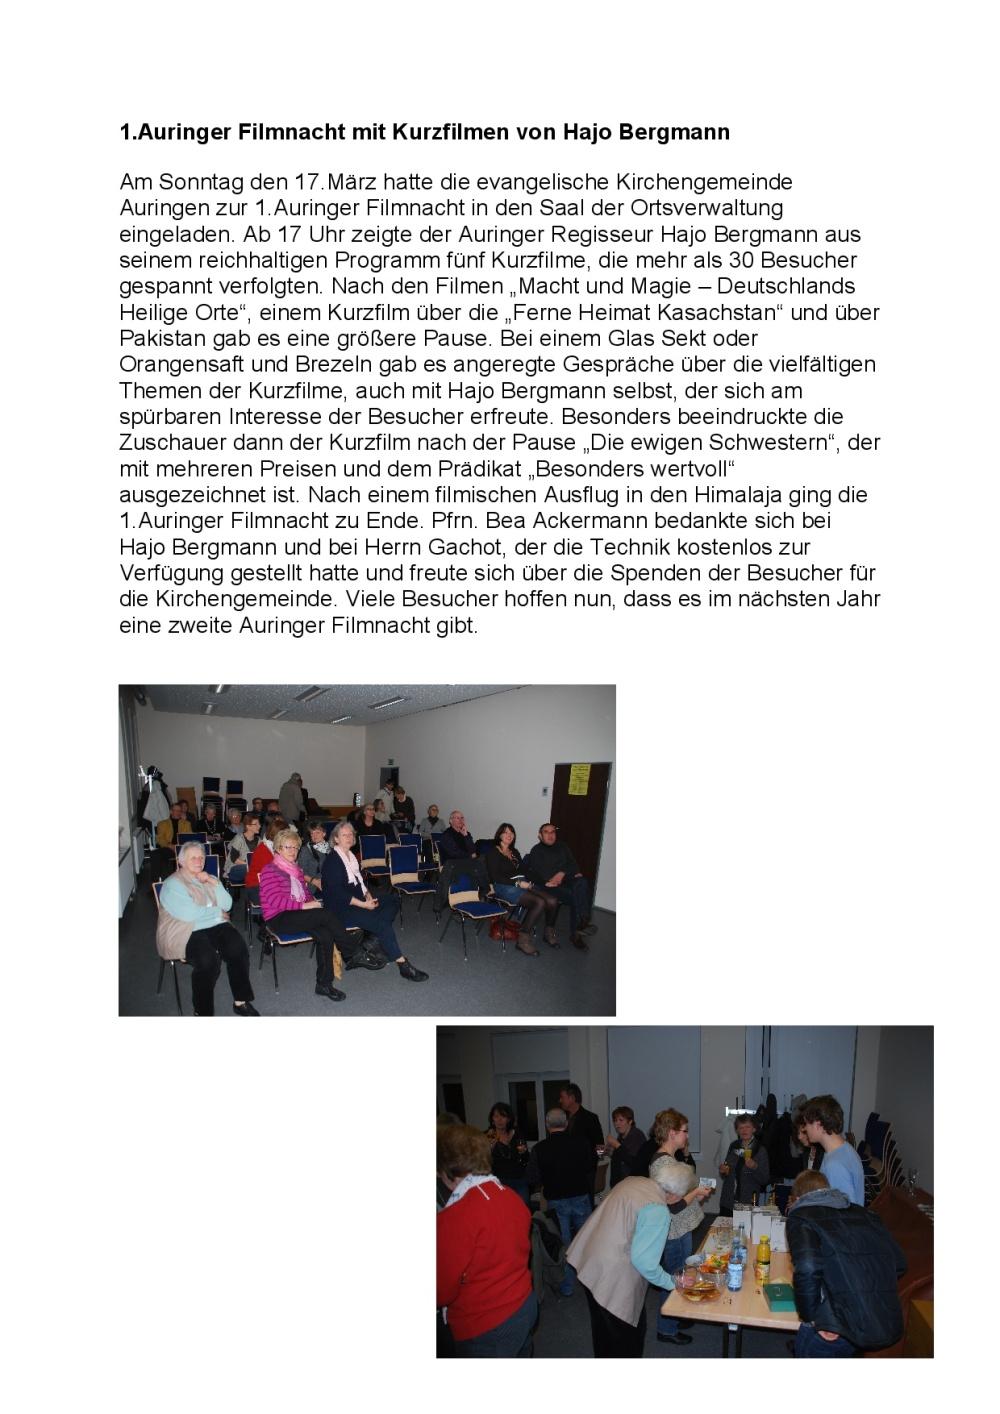 10-Erste Auringer Filmnacht 17.03.13-001